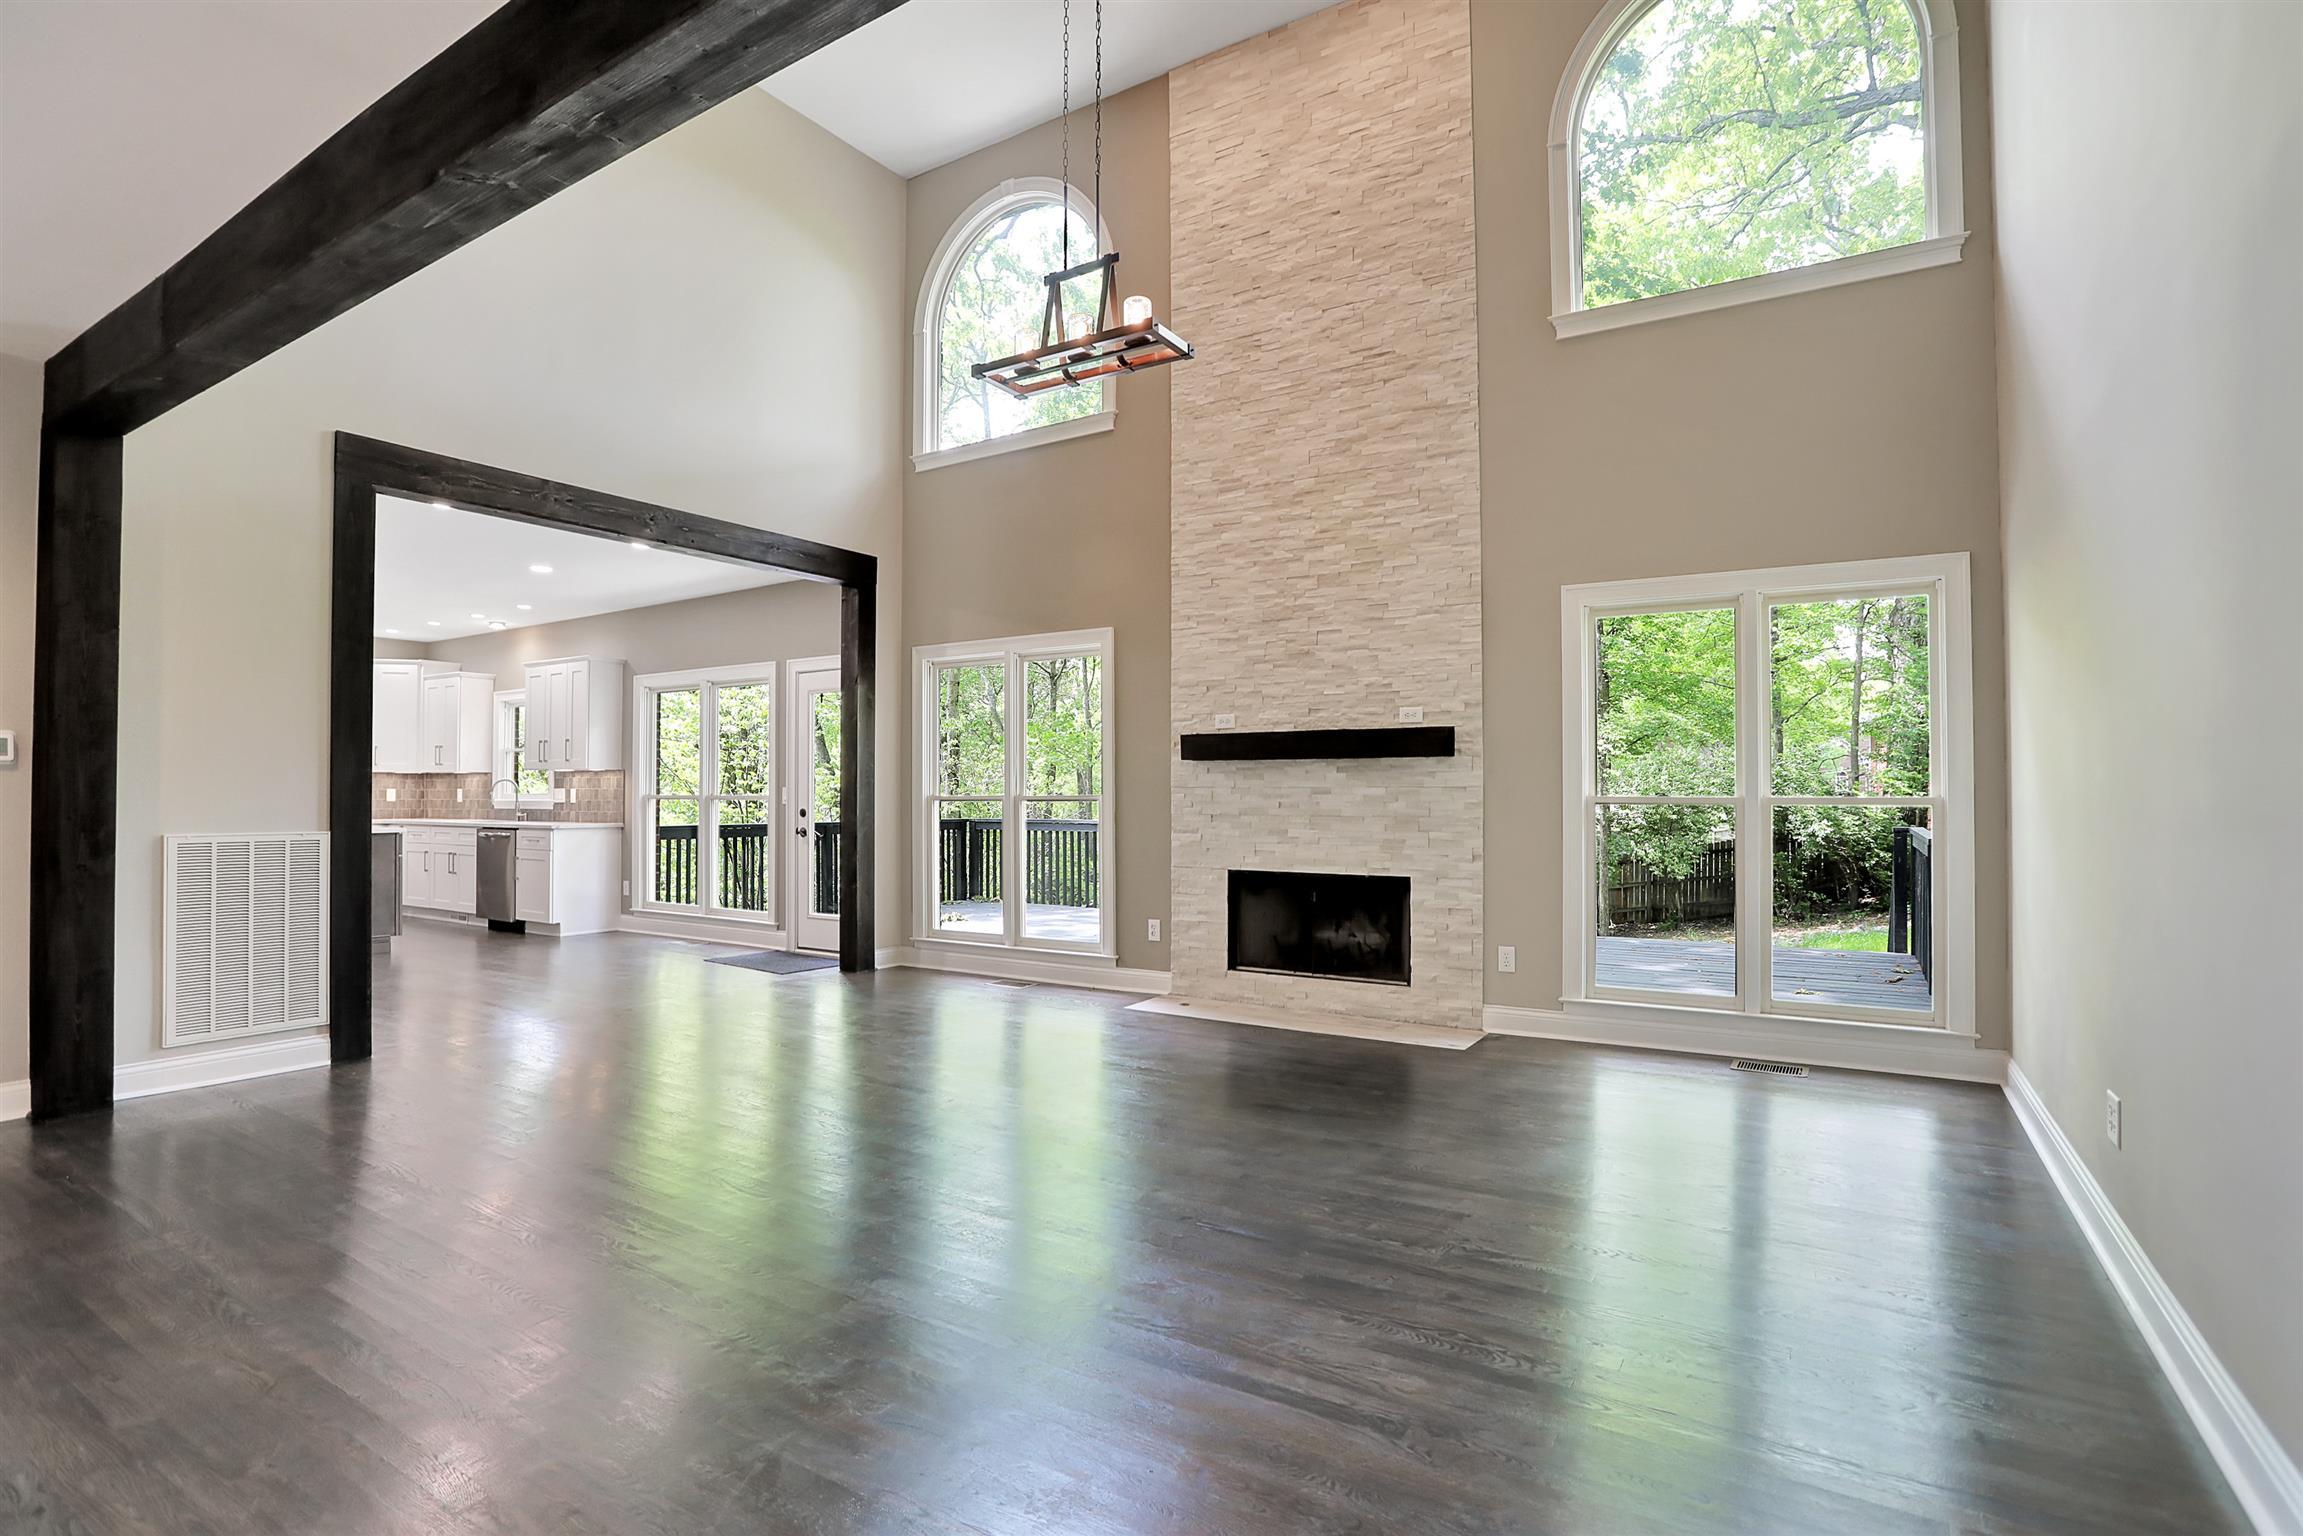 104 Chickamauga Dr, Hendersonville, TN 37075 - Hendersonville, TN real estate listing